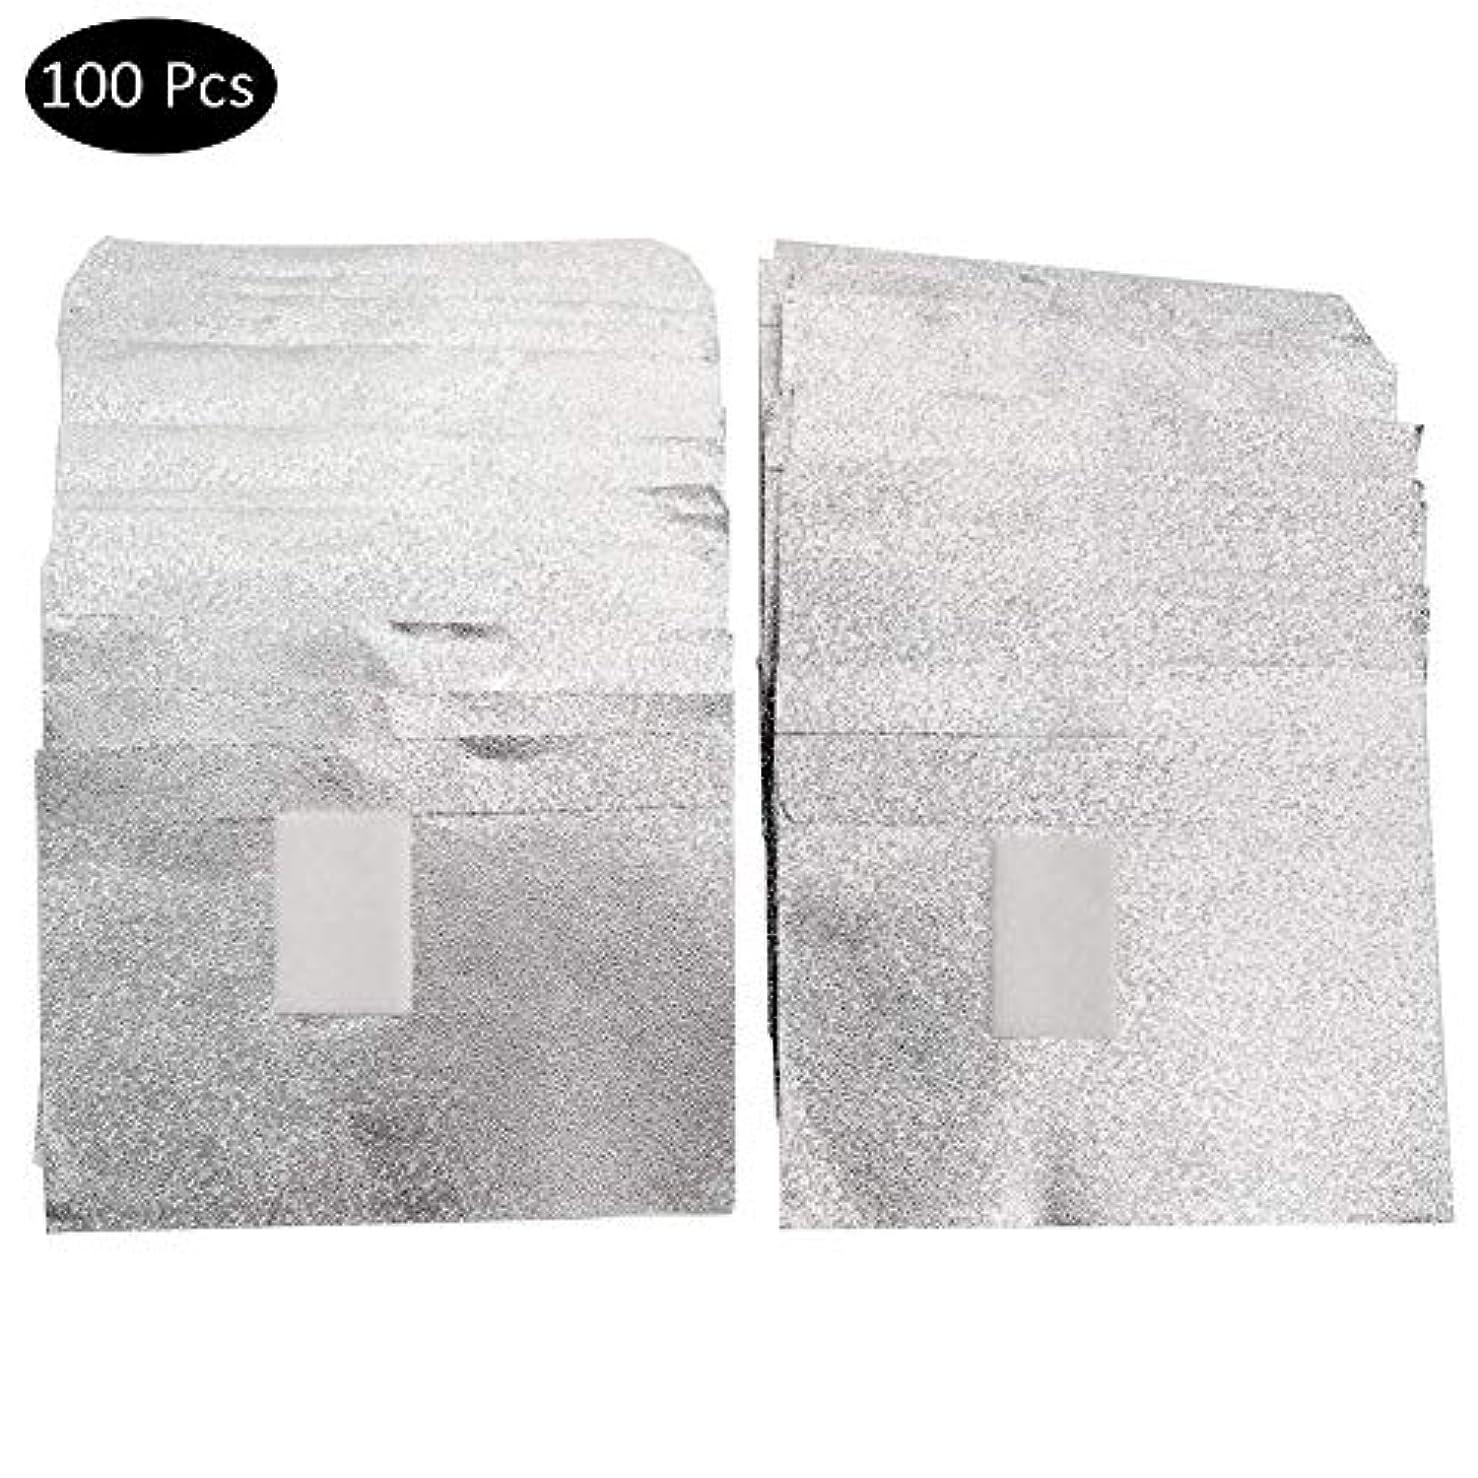 くそー近代化する燃料SILUN ネイルリムーバー錫箔ネイルポリッシュットン付きアルミホイル ジェル除却 使い捨て 爪マニキュア用品100枚入り使い捨て コットン付きアルミホイル ネイル用品 マニキュア用品